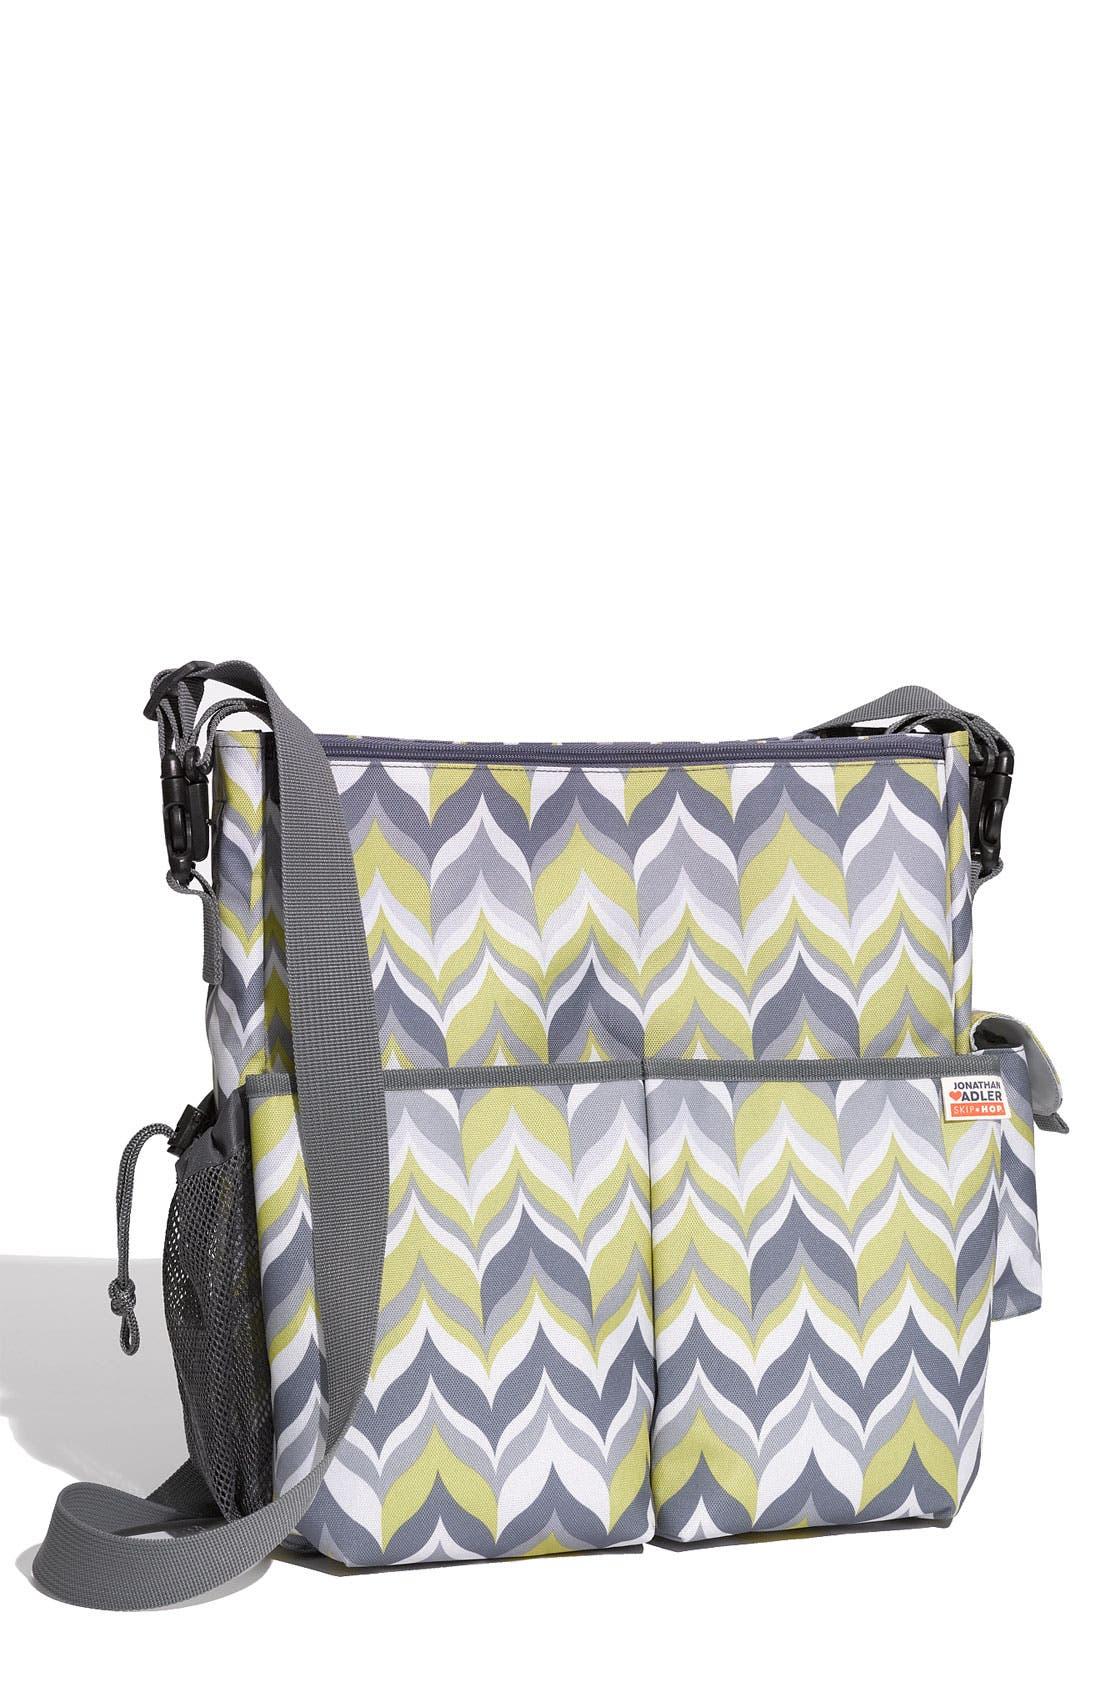 Main Image - Skip Hop 'Duo - Jonathan Adler' Diaper Bag